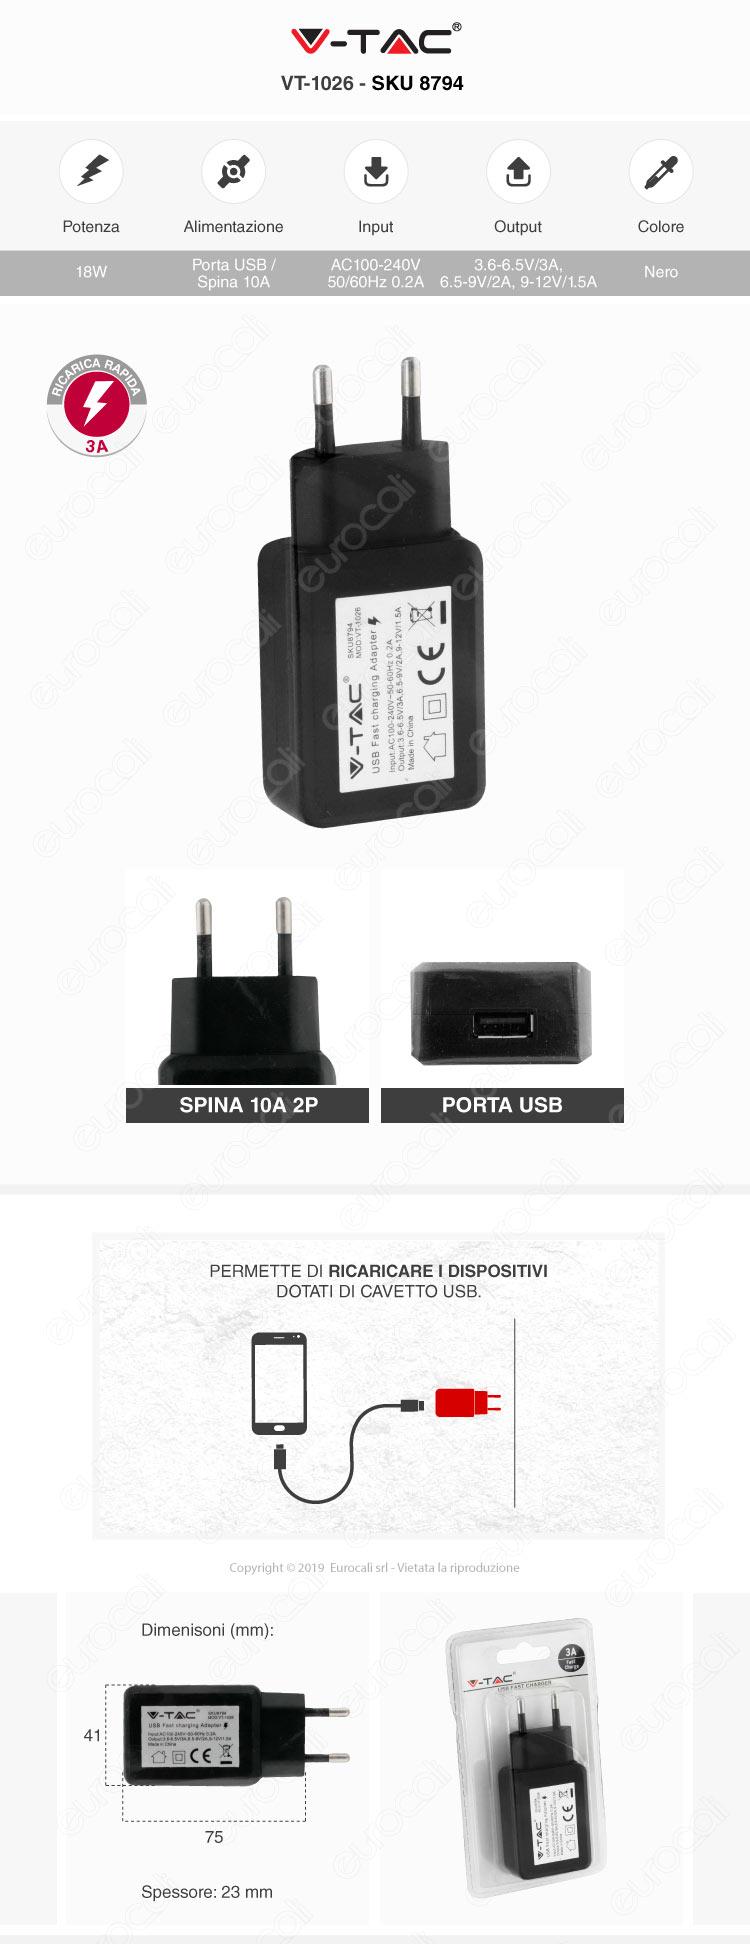 V-Tac VT-1026 Caricabatteria USB da Muro Fast Charge Colore Nero